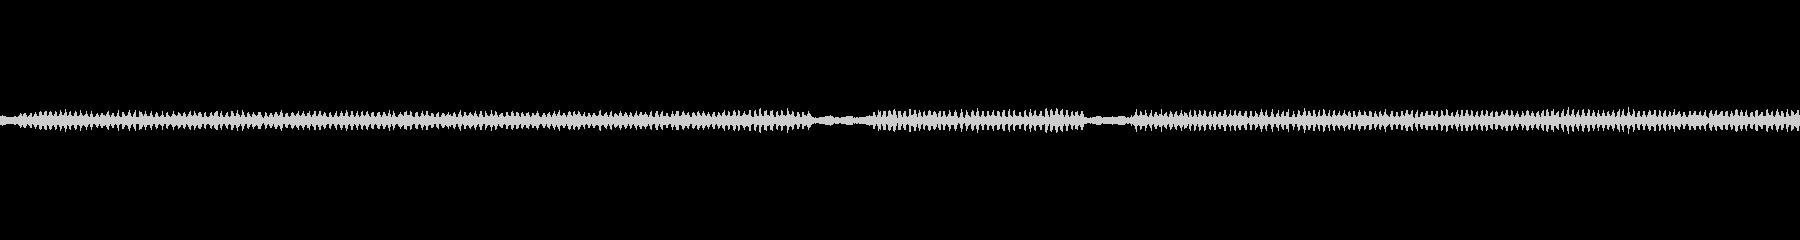 虫の鳴き声1の未再生の波形